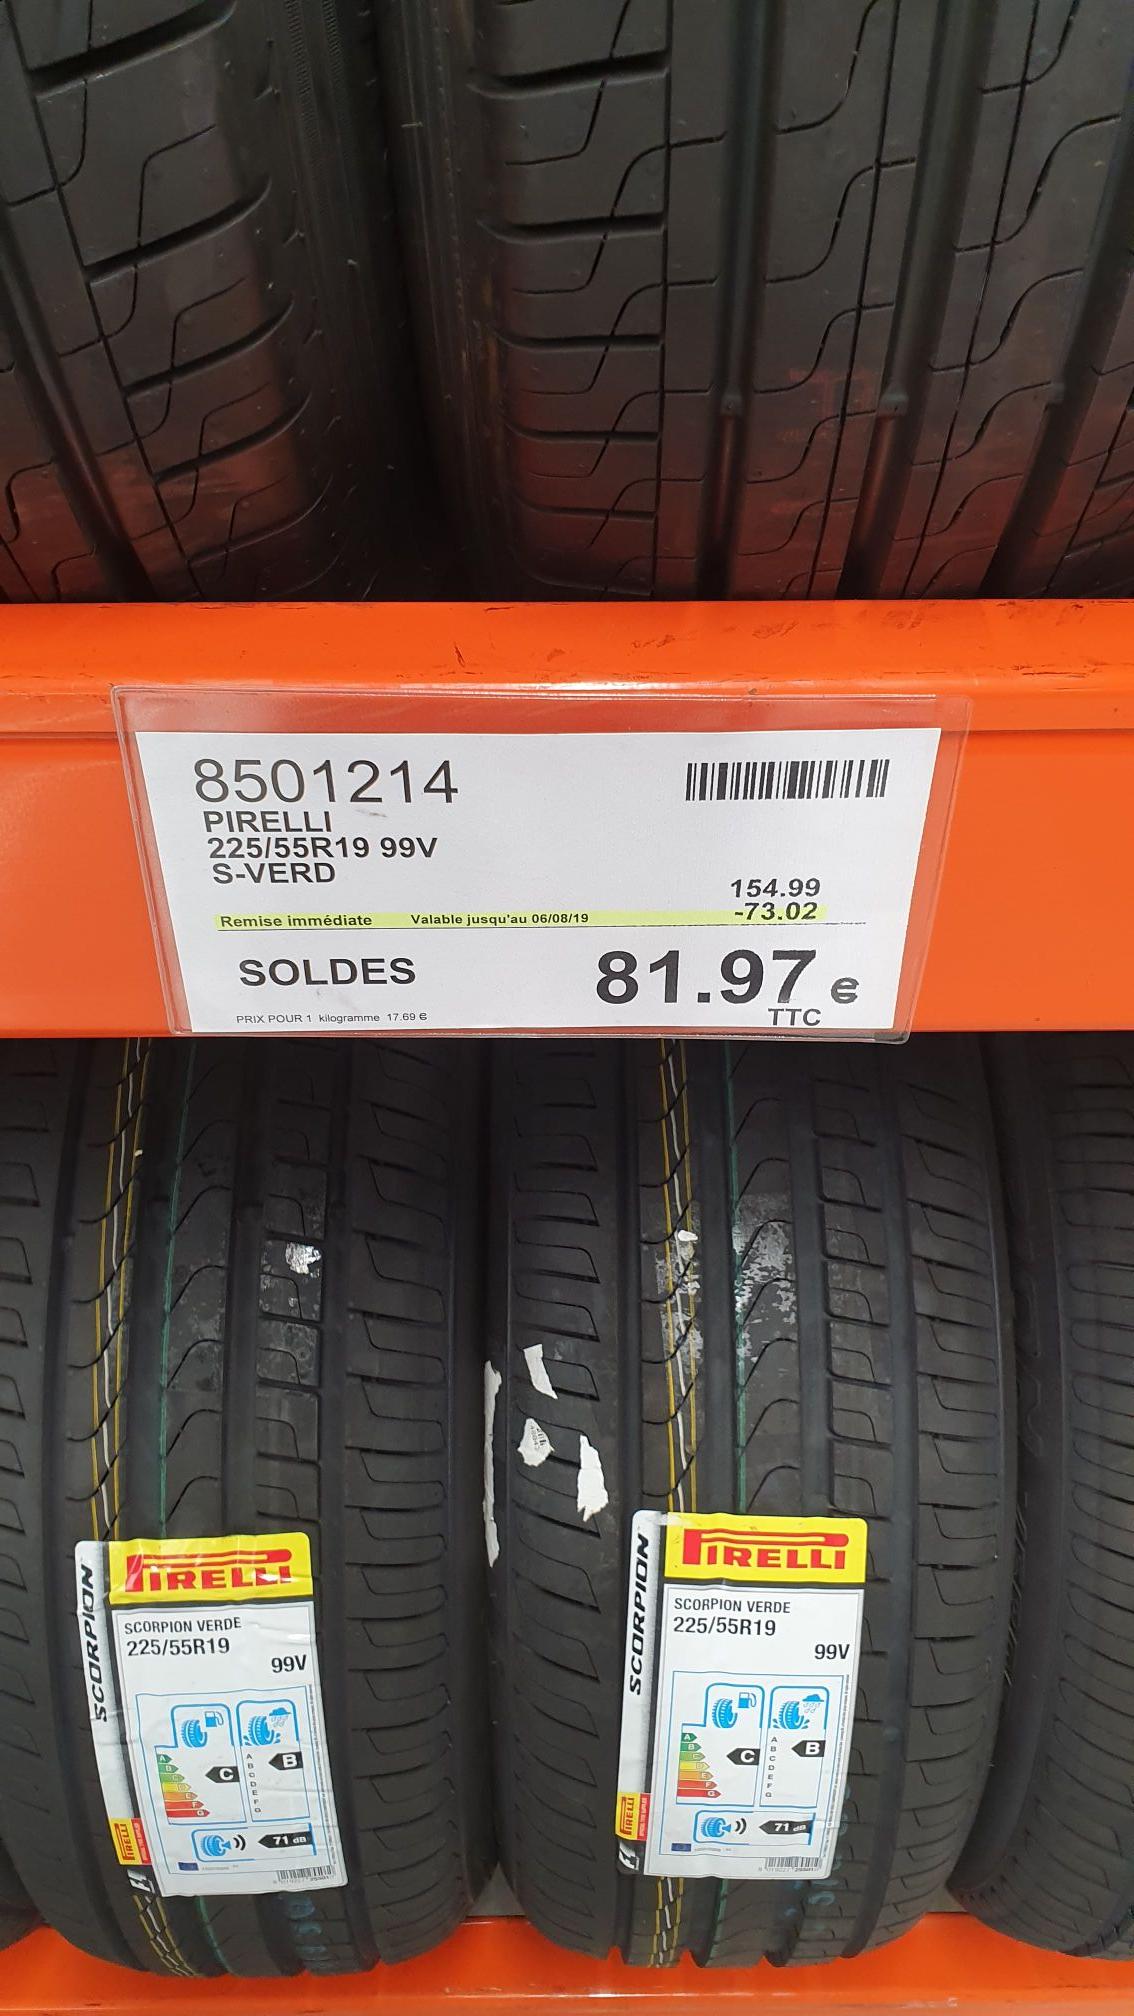 [Carte Costco] 50% de réduction sur les pneus Pirelli - Ex : Pirelli 225/55R19 99V S-VERD (Villebon-sur-Yvette 91)